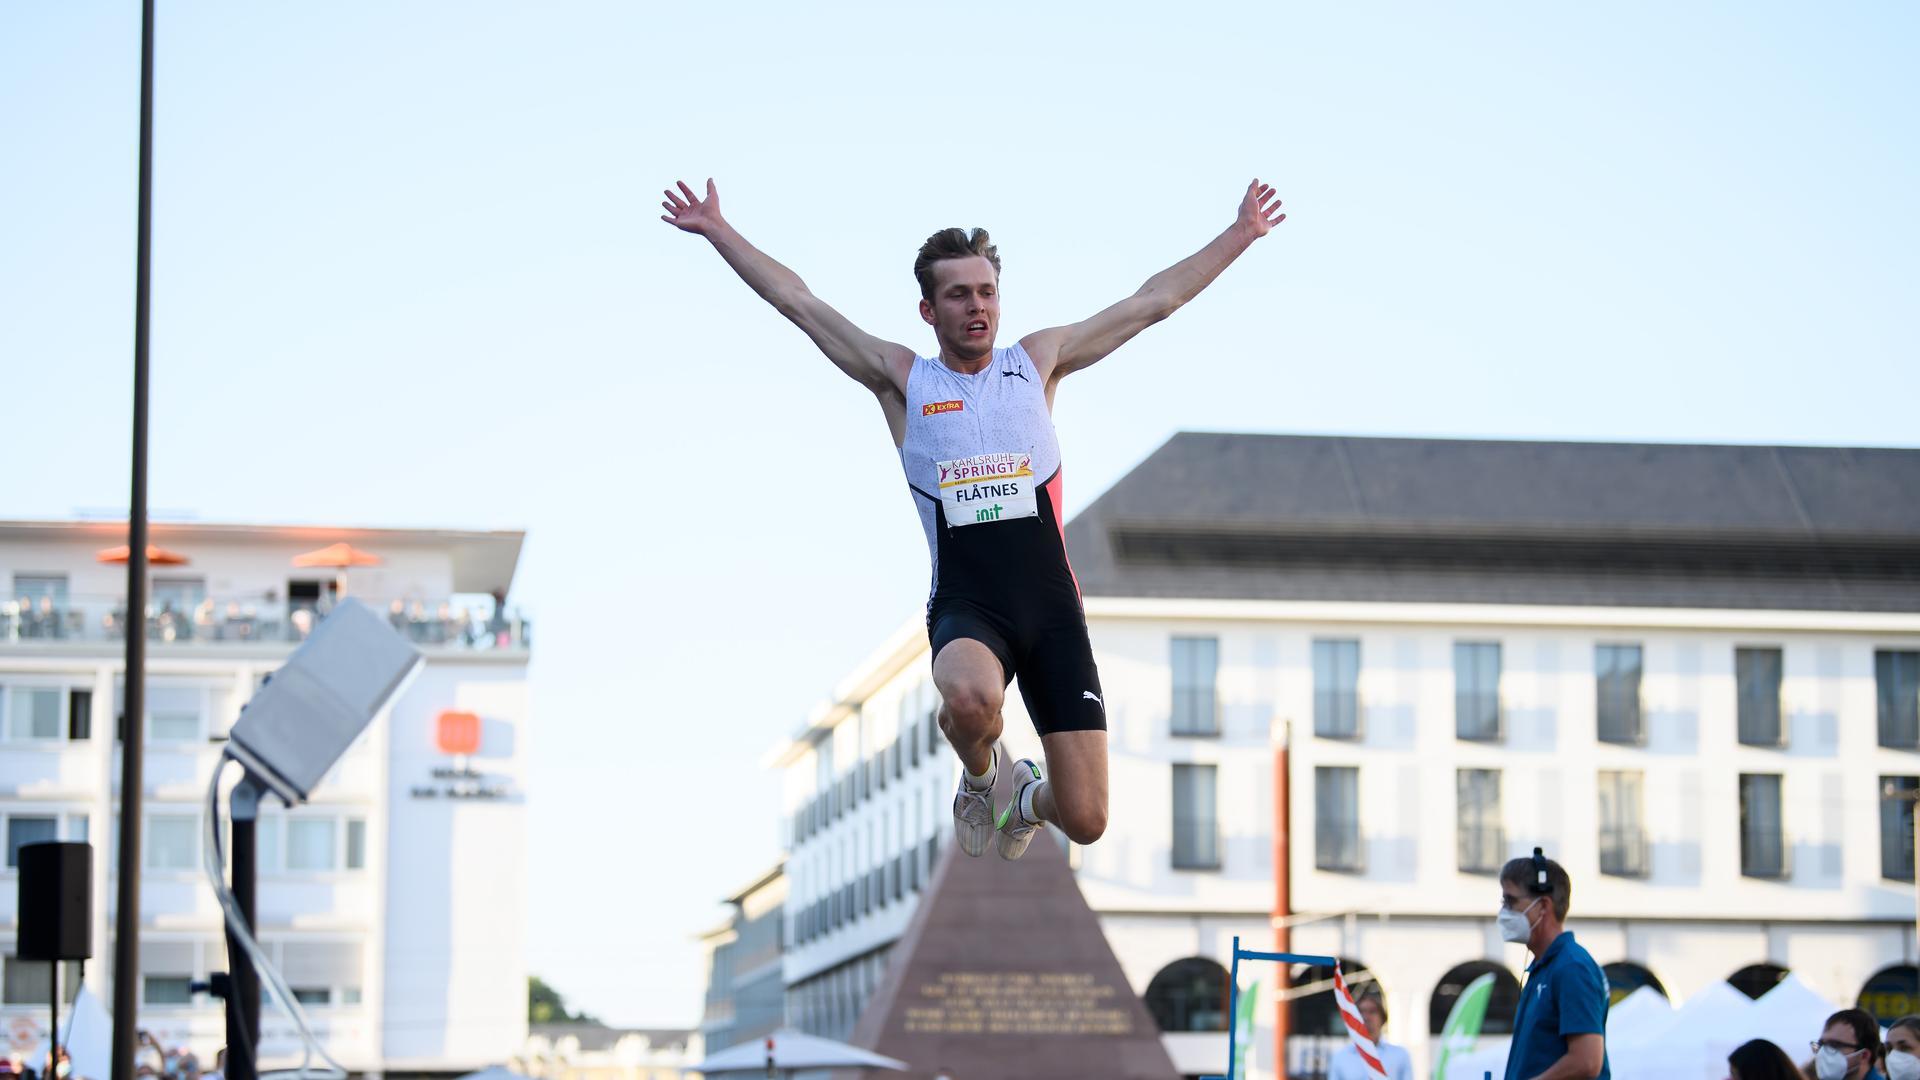 Weitsprung Maenner: Sieger Henriktej Flatnes (NOR).  GES/ Leichtathletik/ Karlsruhe springt, 04.09.2021